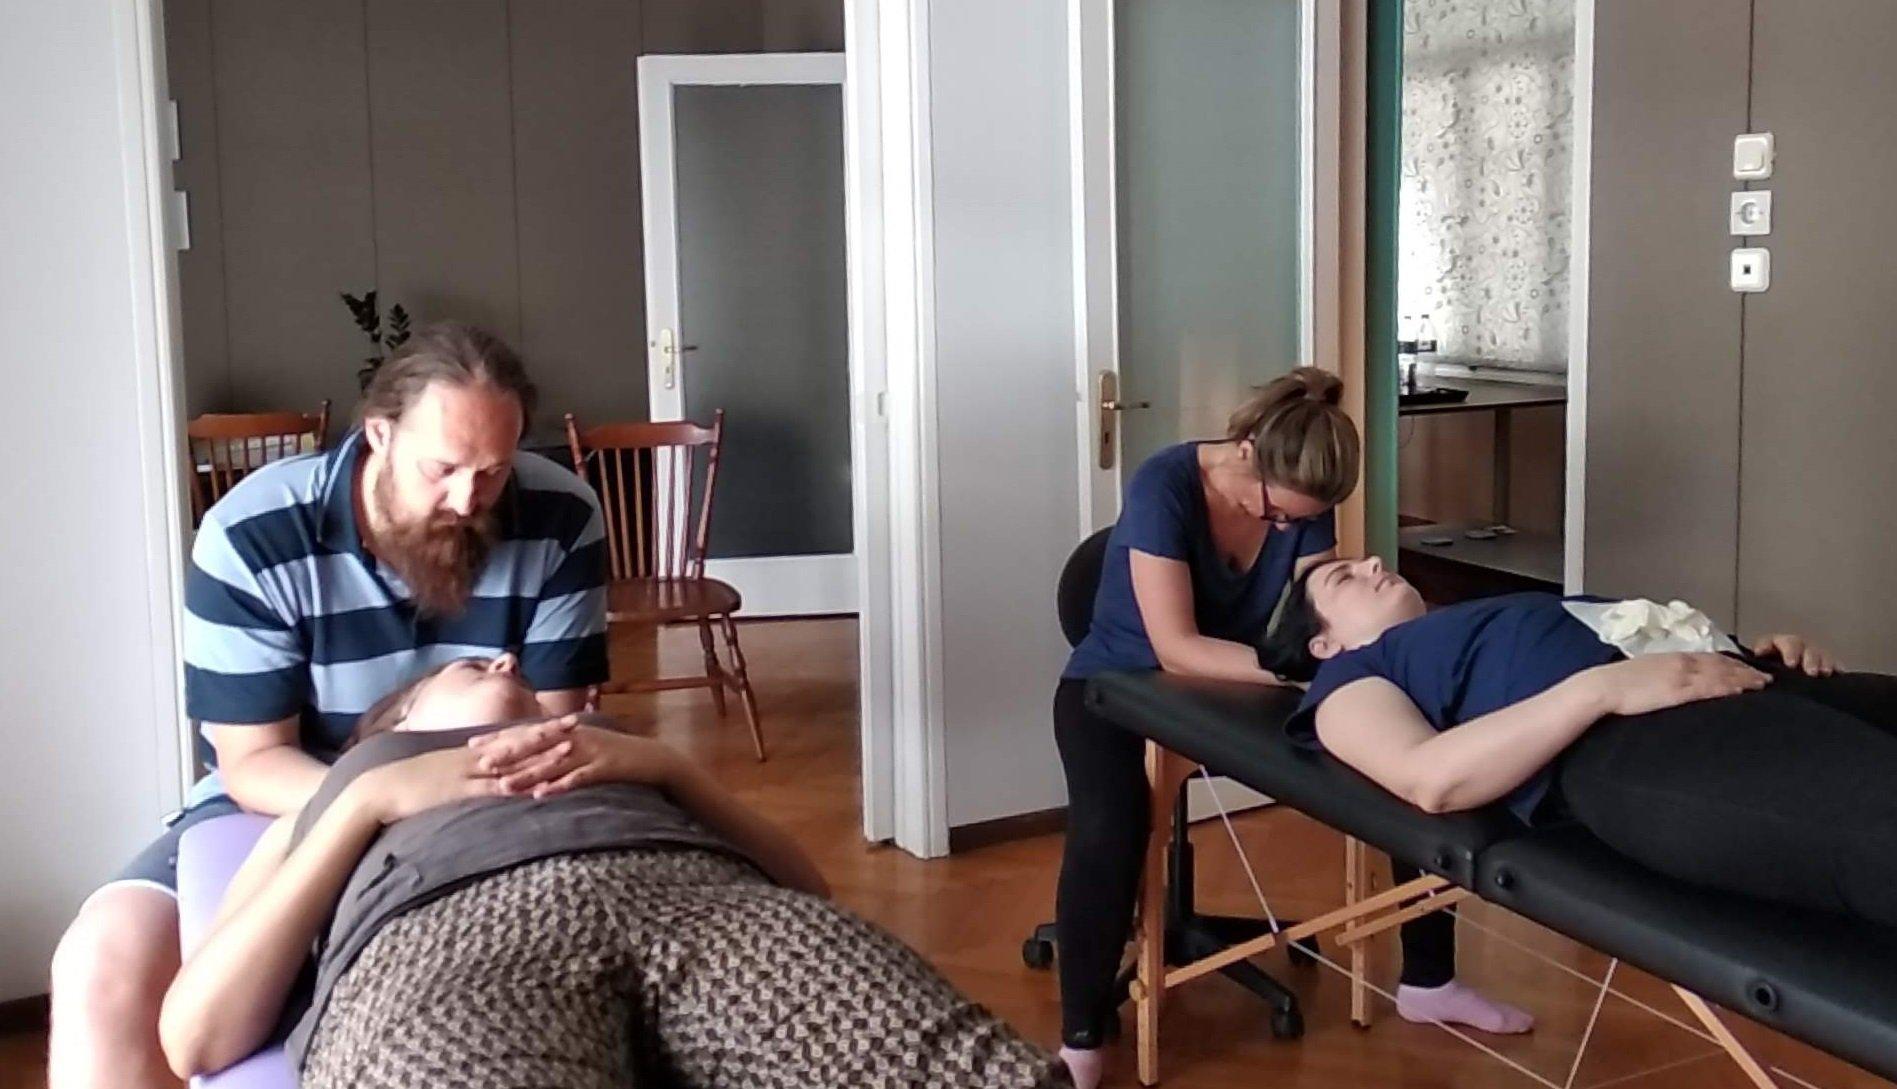 Δύο θεραπευτές δίνουν θεραπεία ΚρανιοΙερήςταυτόχρονα σε δύο διαφορετικούς ασθενείς